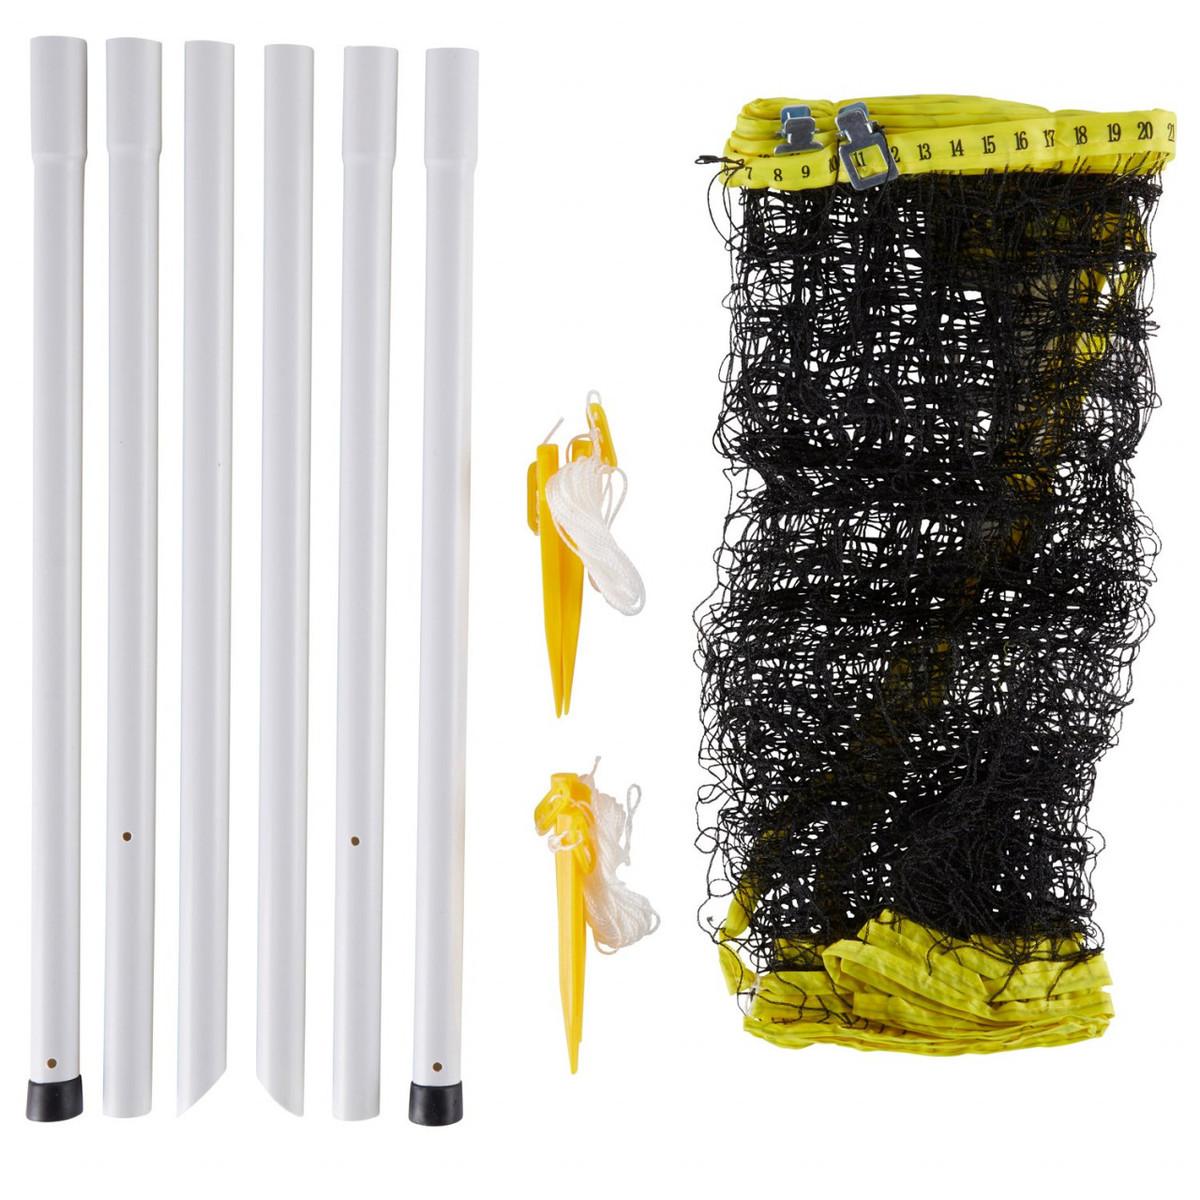 Bild 3 von Solex Badminton 4-Schläger-Set mit Netzgarnitur, Bällen & Tasche